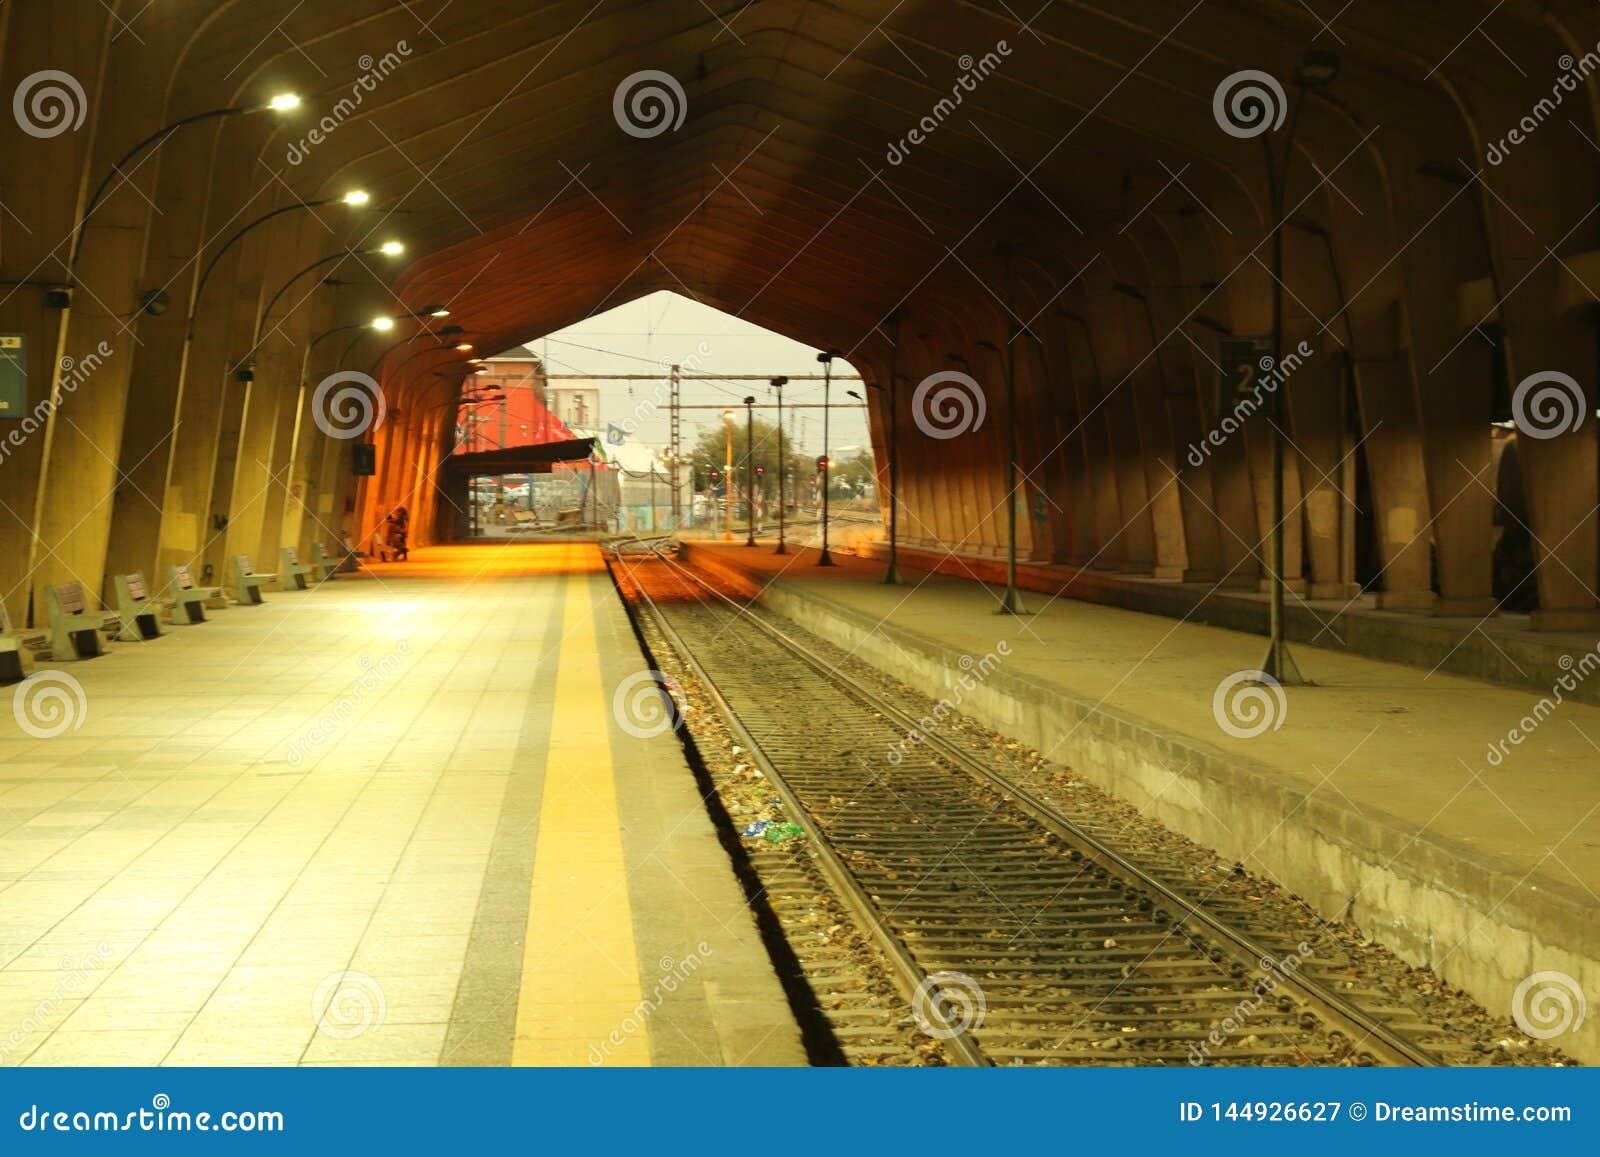 Leeg station, die op treinen wachten die nooit zullen terugkeren